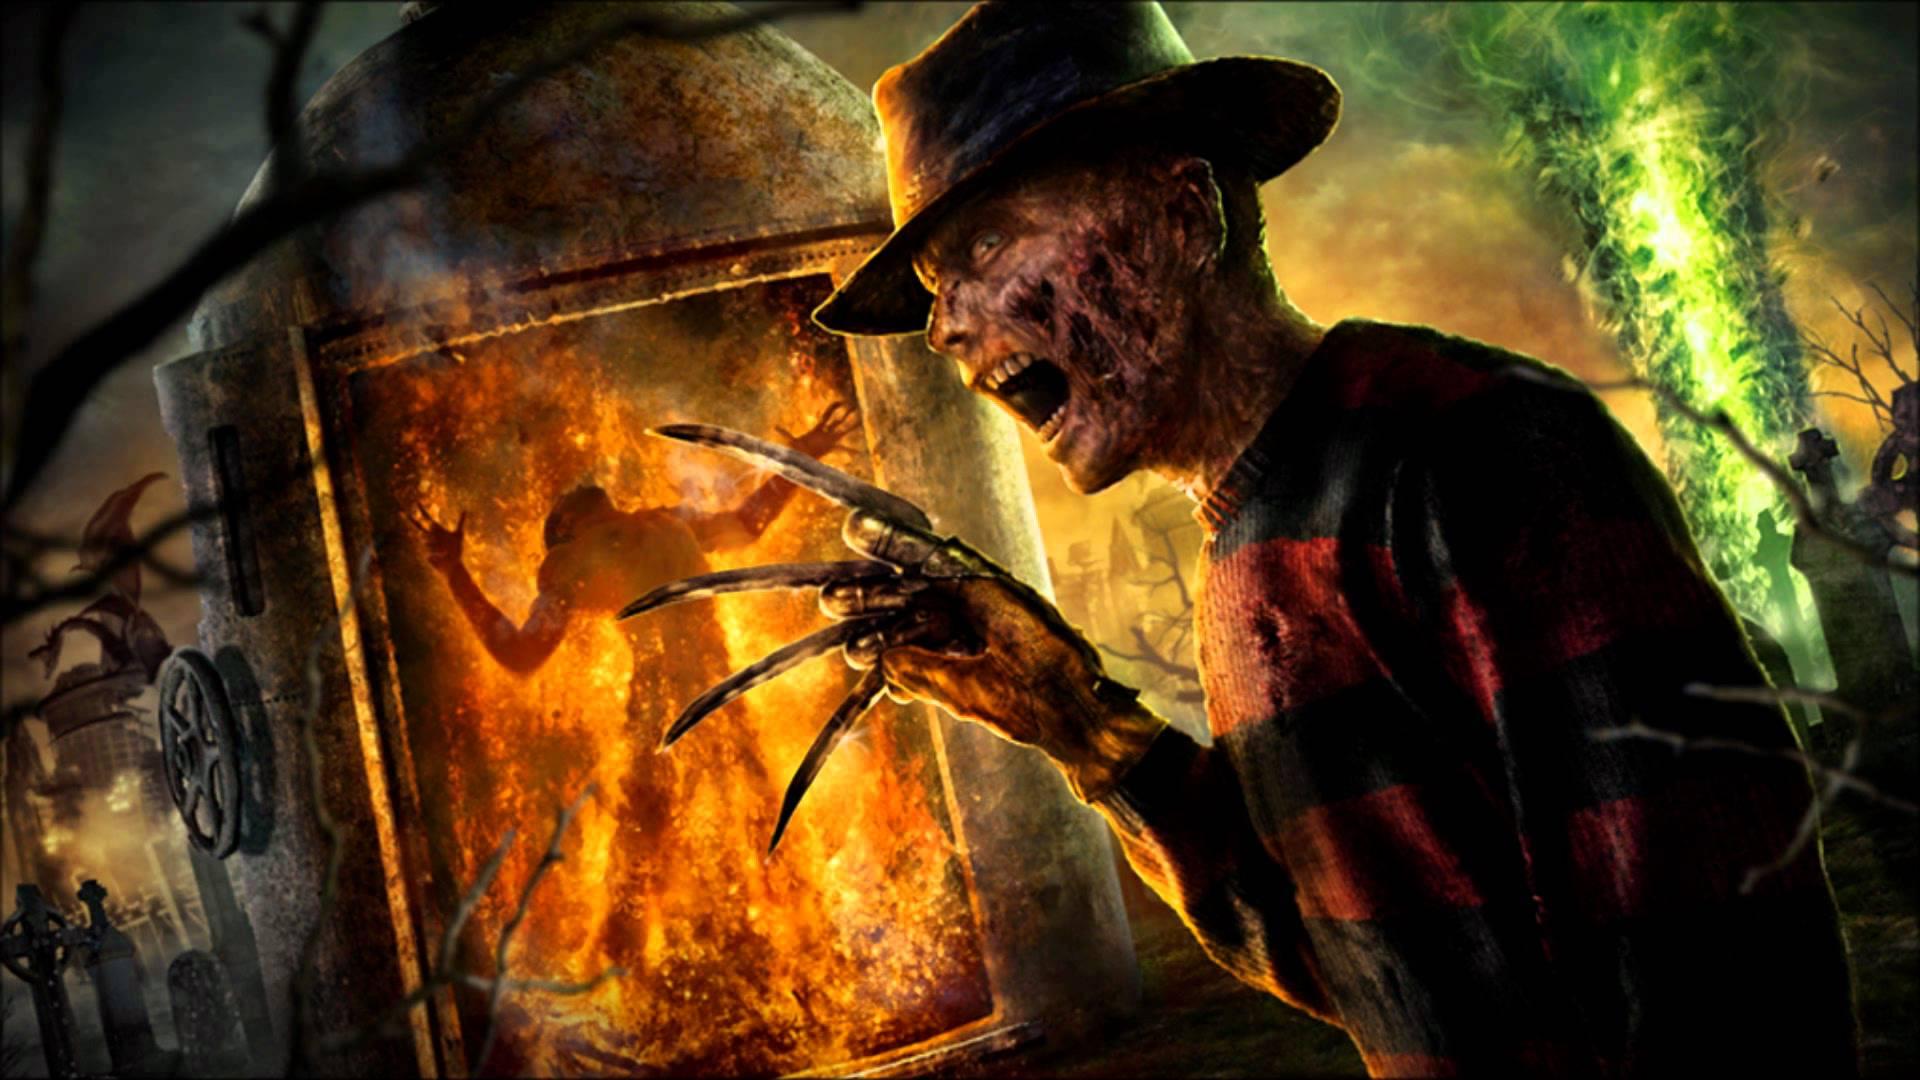 Freddy Krueger Vs Jason Wallpaper For Kids